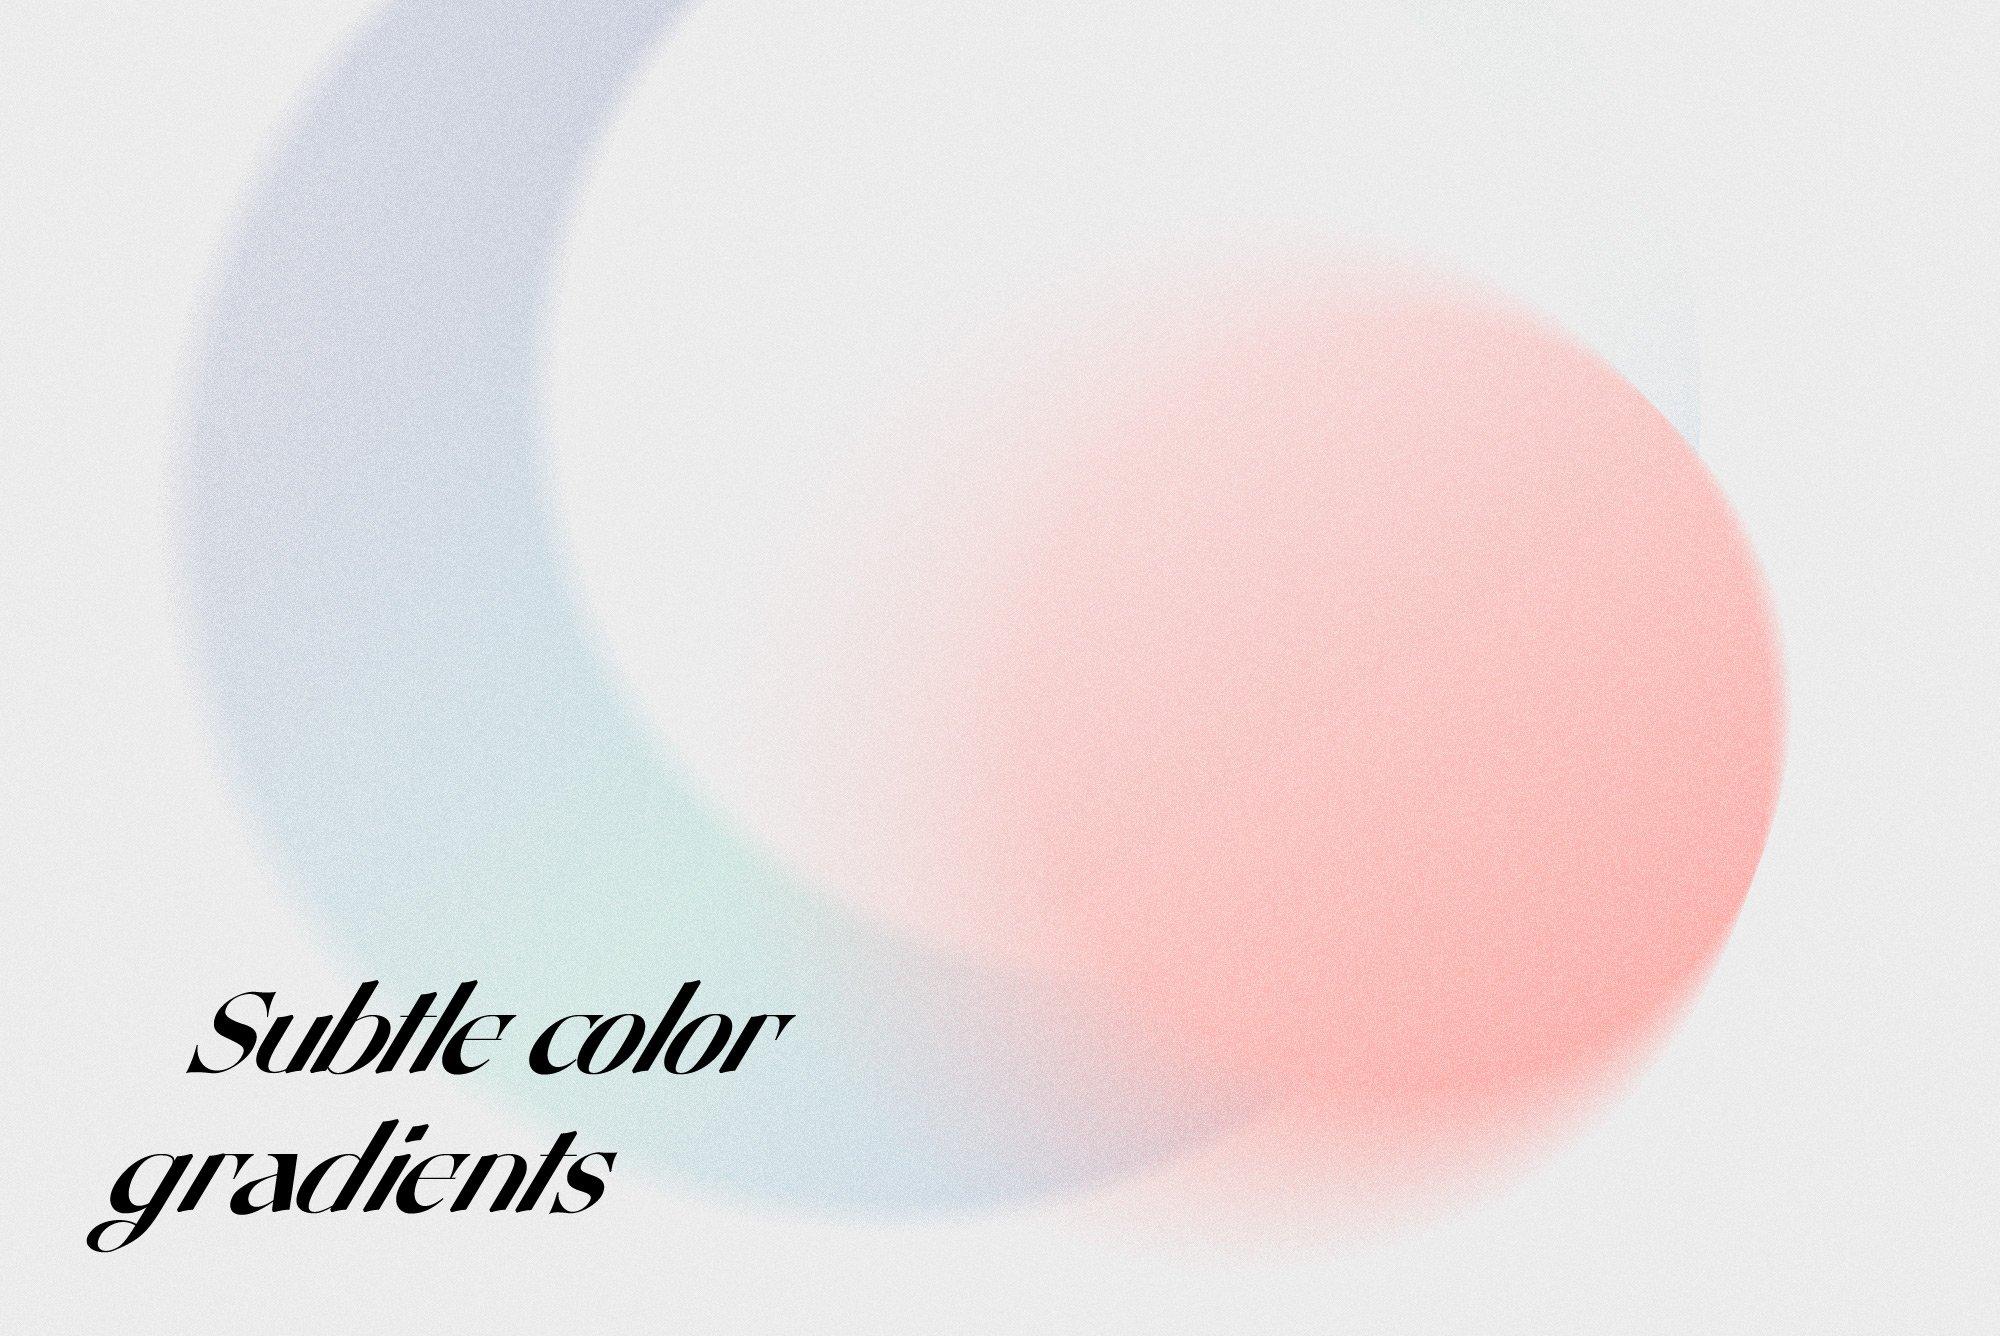 [单独购买] 潮流复古炫彩颗粒噪点模糊渐变背景纹理图形设计素材 Gradient Color Grainy Textures插图6